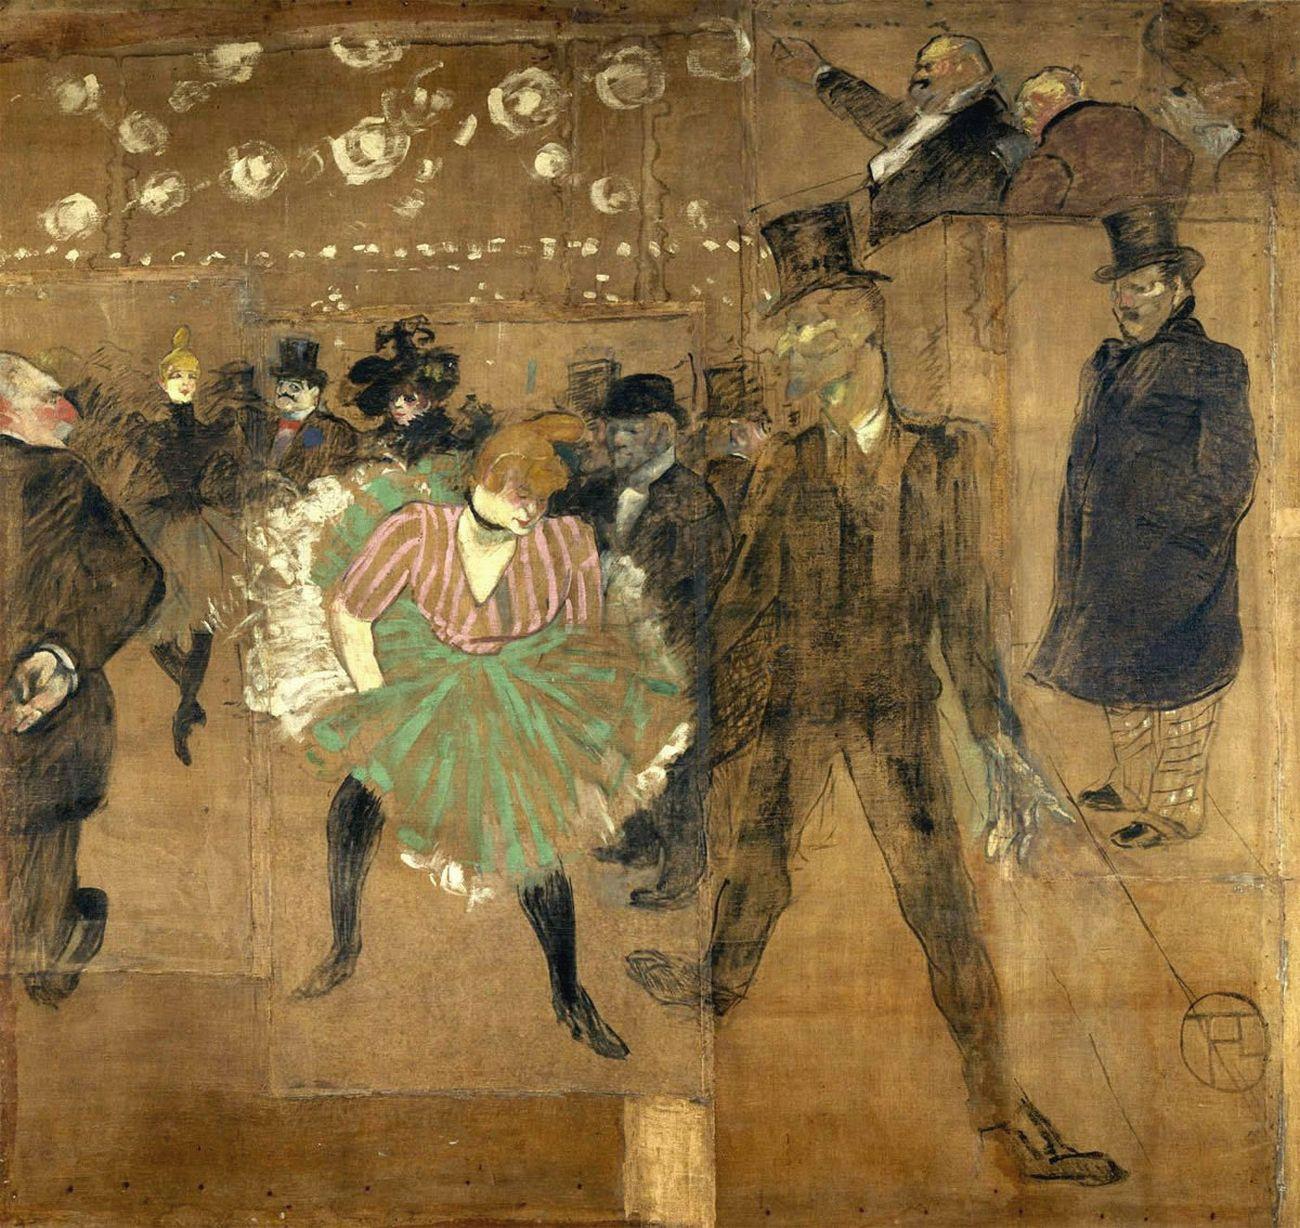 Henri de Toulouse Lautrec, pannello per la baracca della Goulue alla Foire du Trone di Parigi, 1895